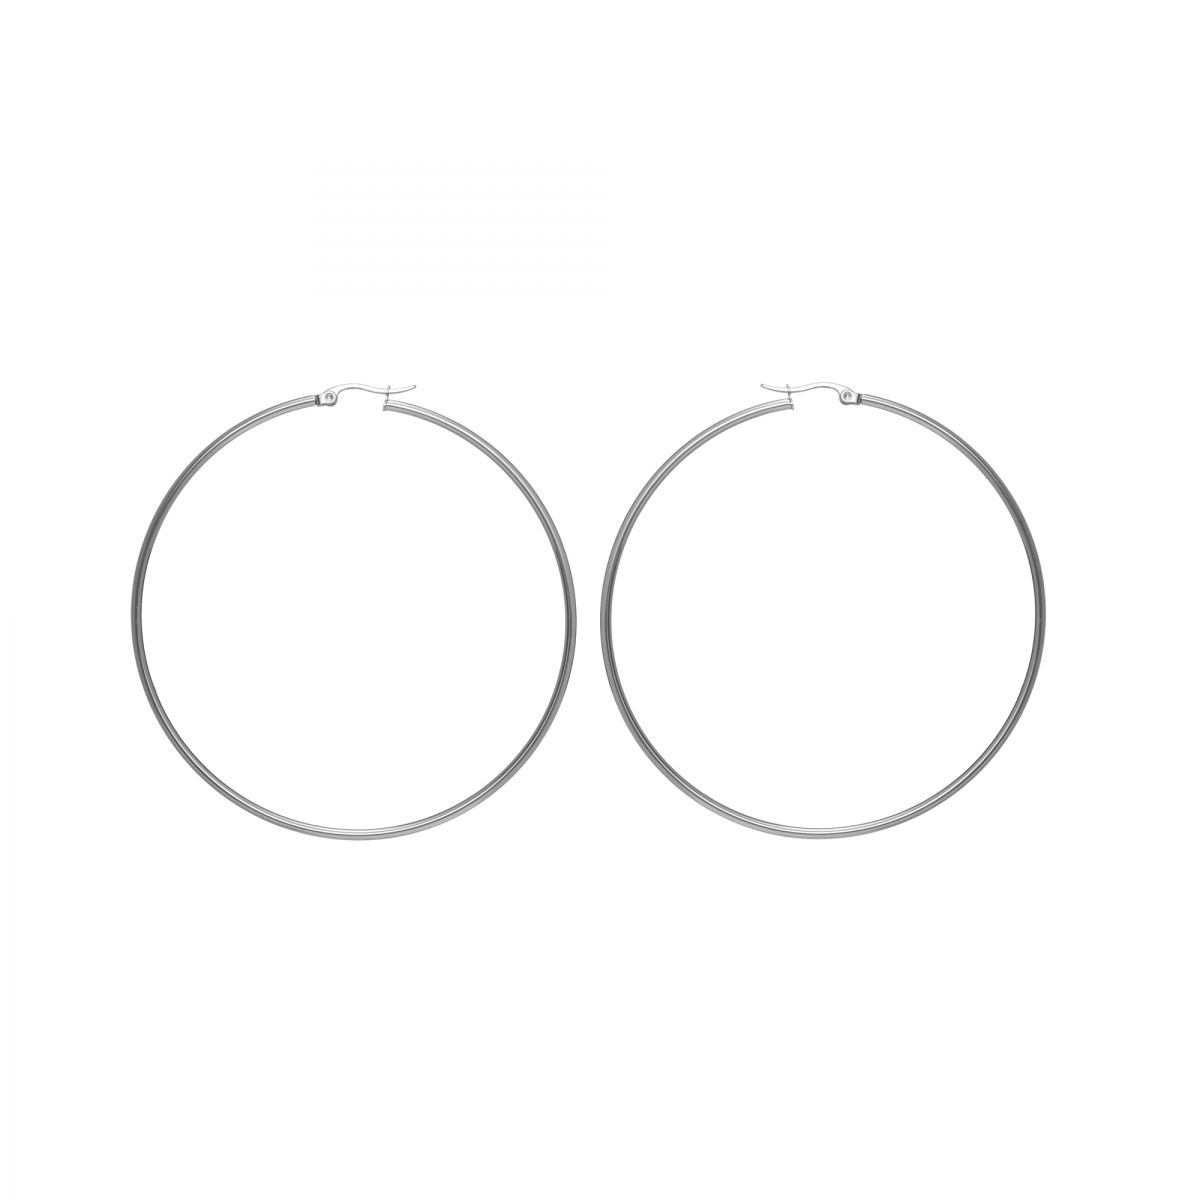 Náušnice Stainless Steel Mini Hoop Earring